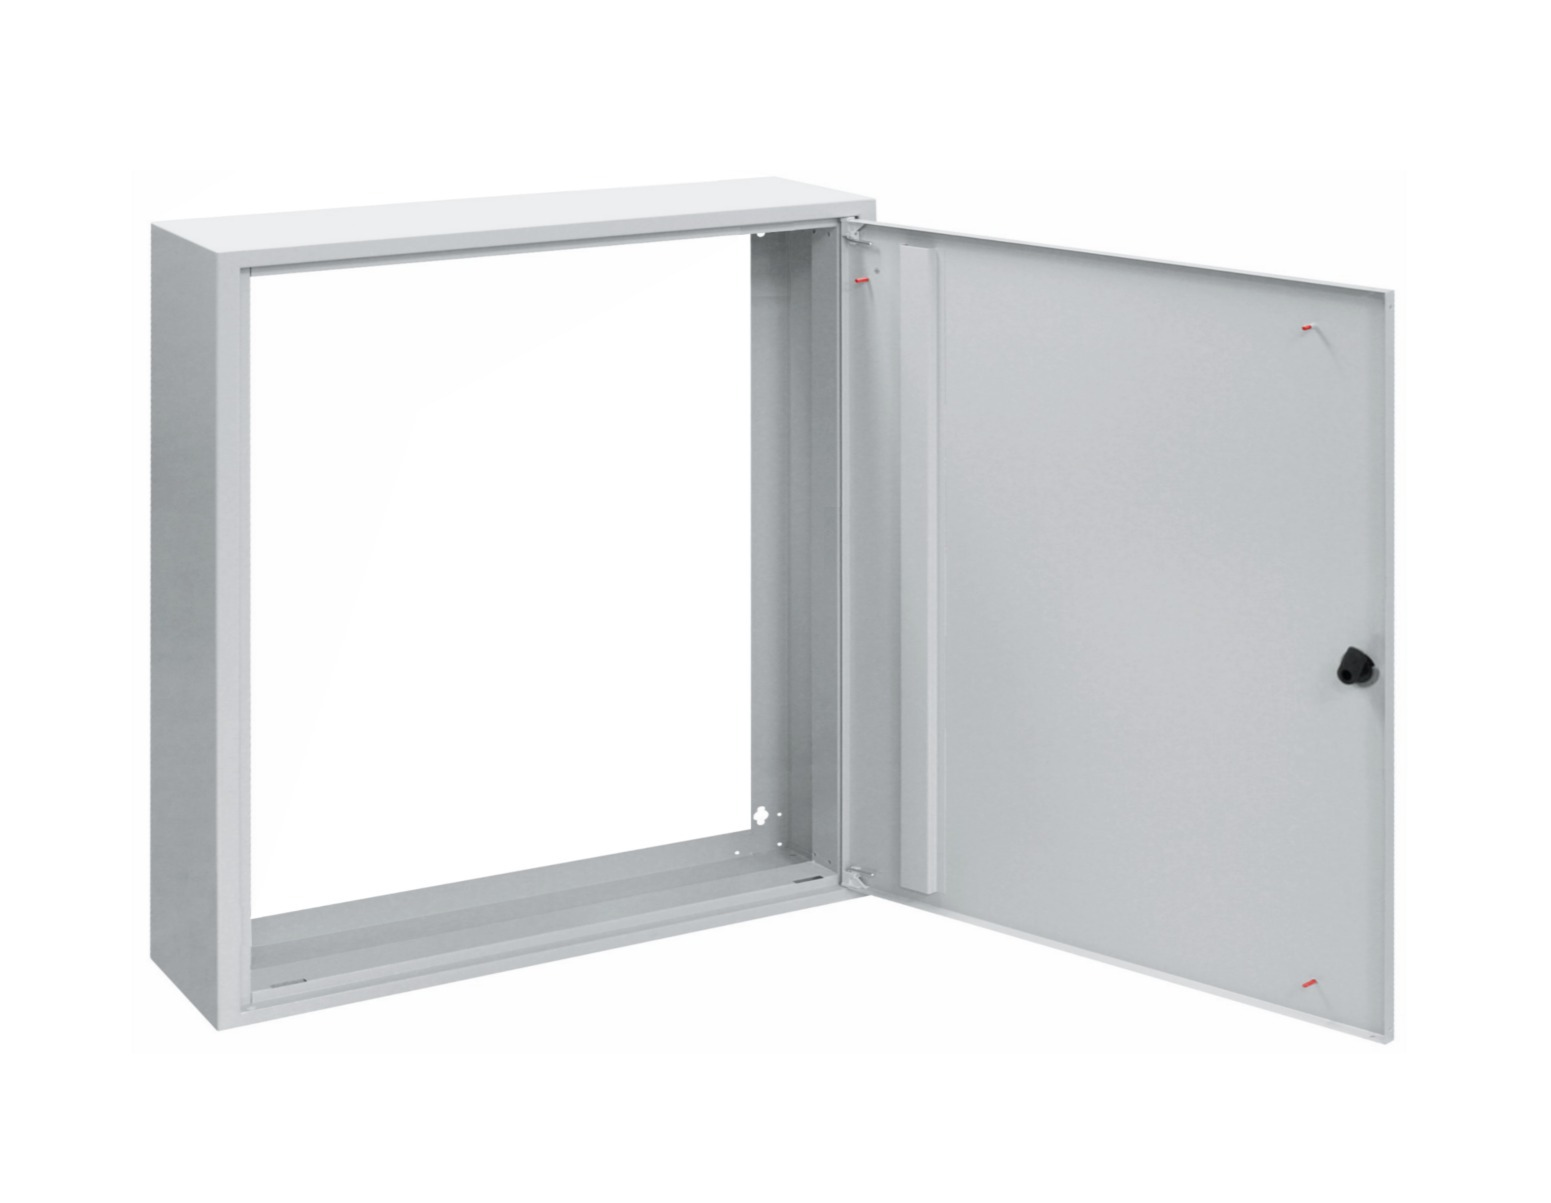 1 Stk Aufputz-Rahmen mit Türe 2A-12, H640B590T180mm IL006212-F